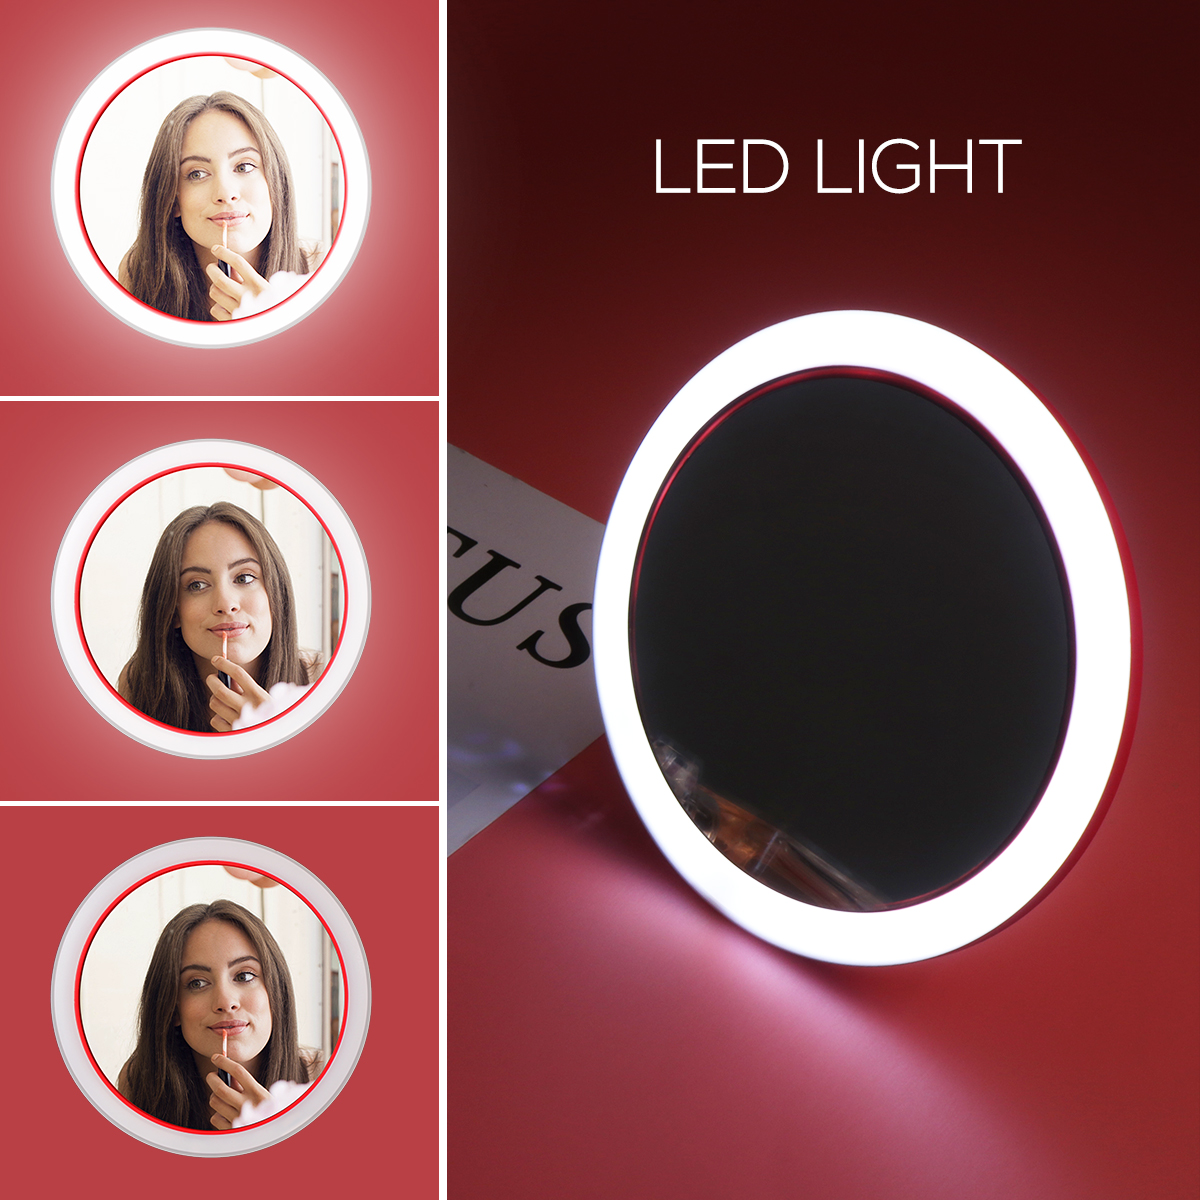 Image 4 - Espejo cosmético Circular LED portátil multifuncional con Base de carga inalámbrica USB herramientas de espejo de maquillaje para mujerEspejos para maquillaje   -